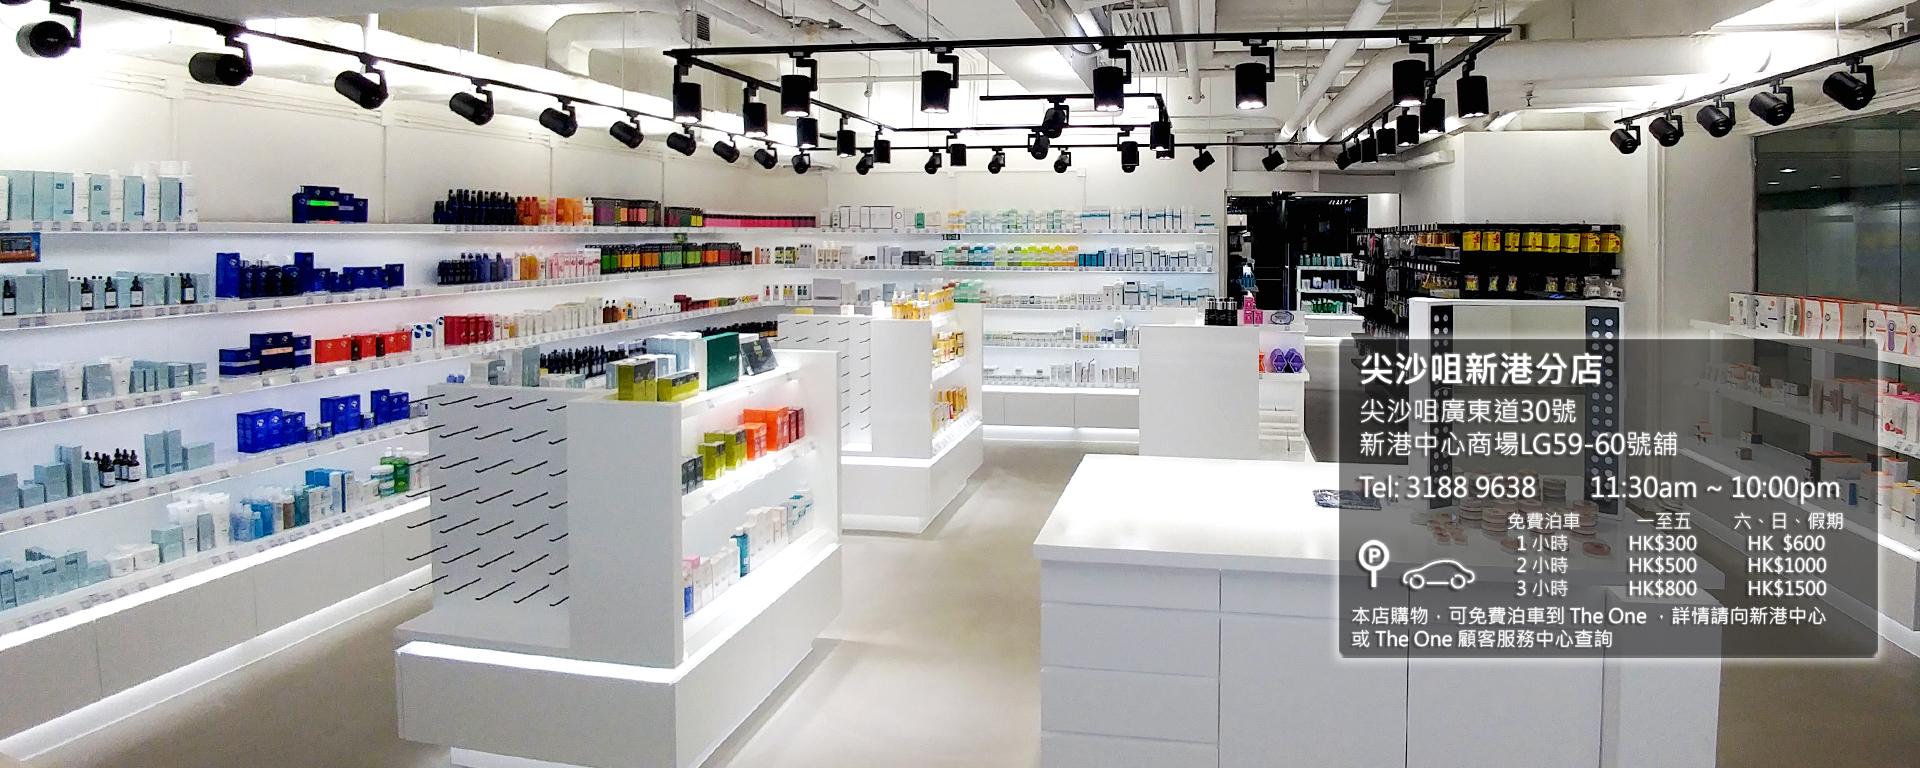 尖沙咀廣東道新港中心商場205號舖